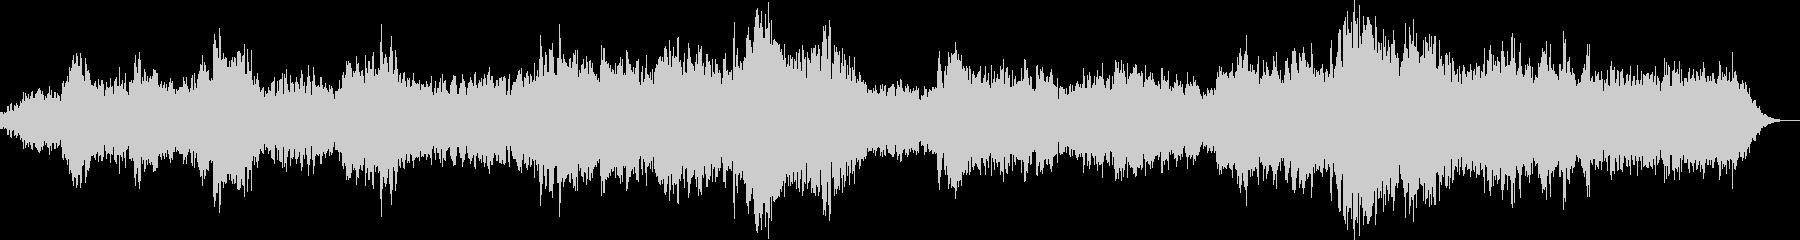 シンセで弾いた印象的なバラードの未再生の波形